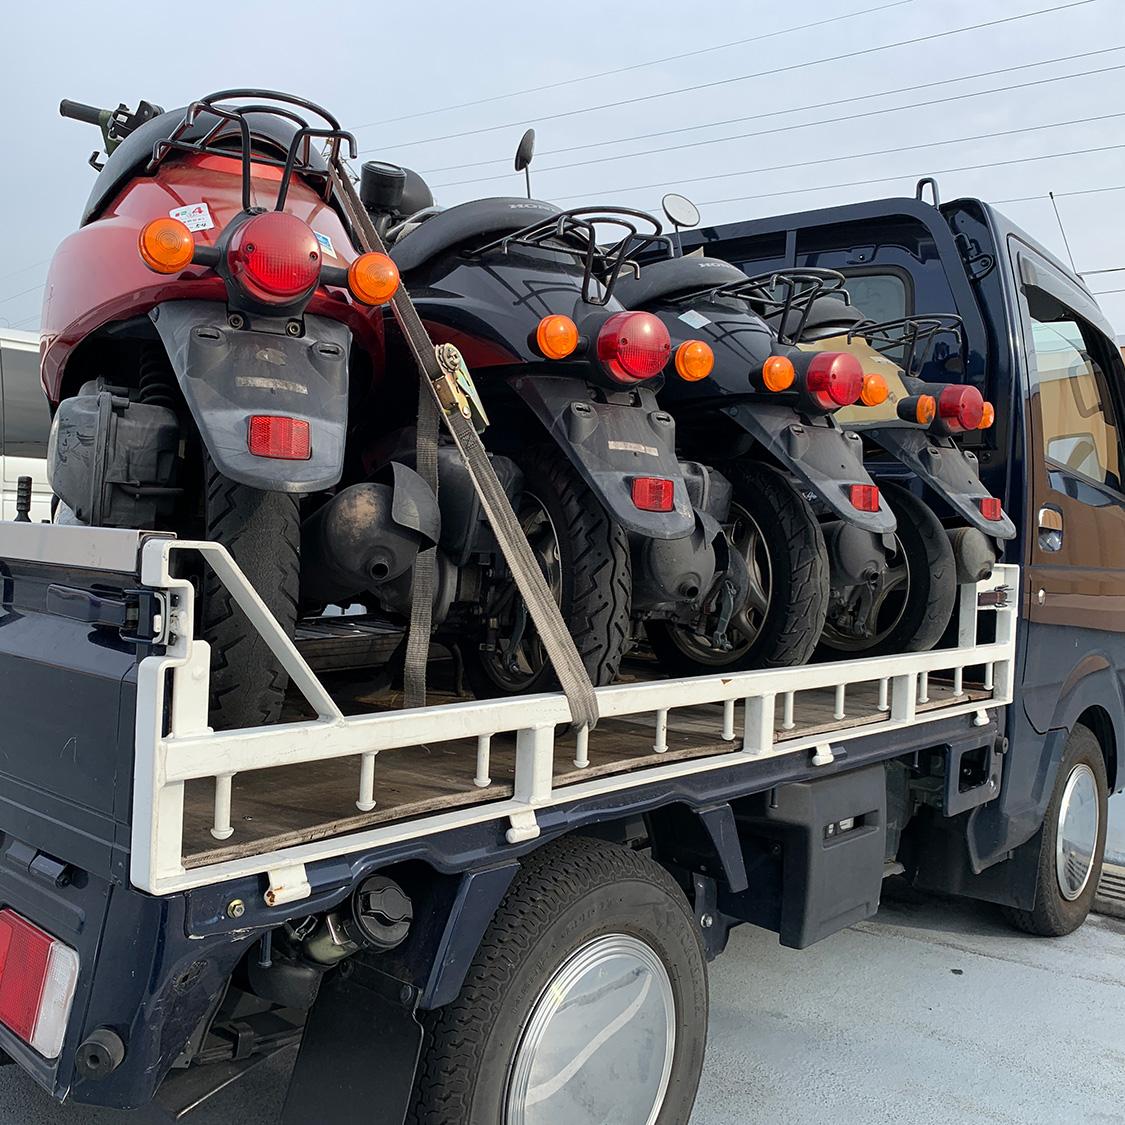 大阪エリアでバイクの無料廃車をするなら|即日処分OKのバイク処分ドットコム